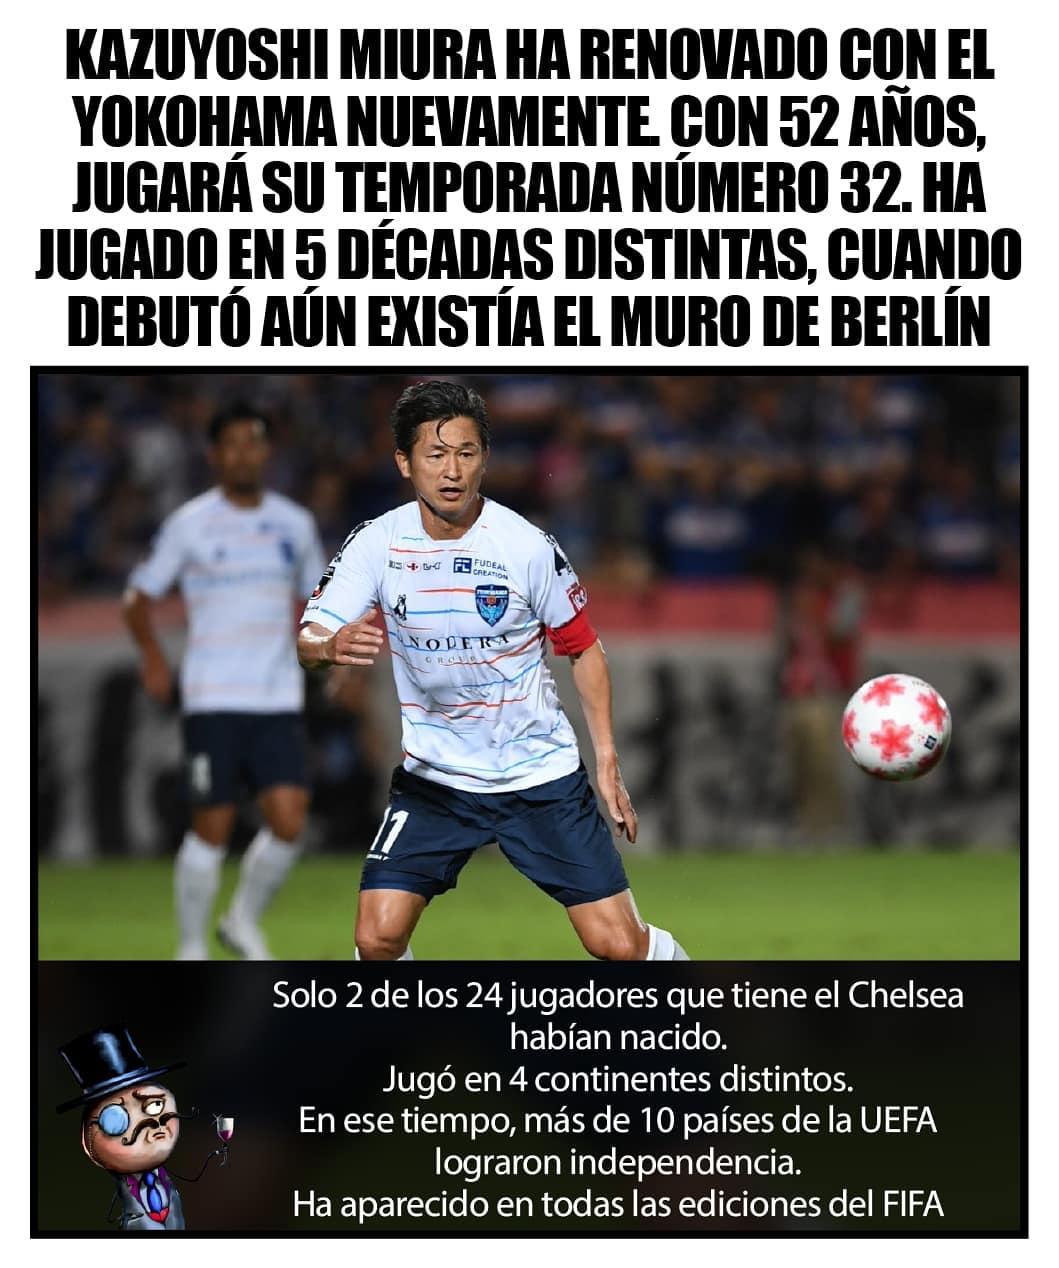 Kazwoshi Miura ha renovado el Yokohama nuevamente con 52 años. Jugará su temporada número 32. Ha jugado en 5 décadas distintas, cuando debuto aún existía el muro de Berlín.  Solo 2 de los 24 jugadores que tiene el Chelsea habían nacido. Jugó en 4 continentes distintos. En ese tiempo, más de 10 países de la UEFA lograron independencia. Ha aparecido en todas las ediciones del FIFA.